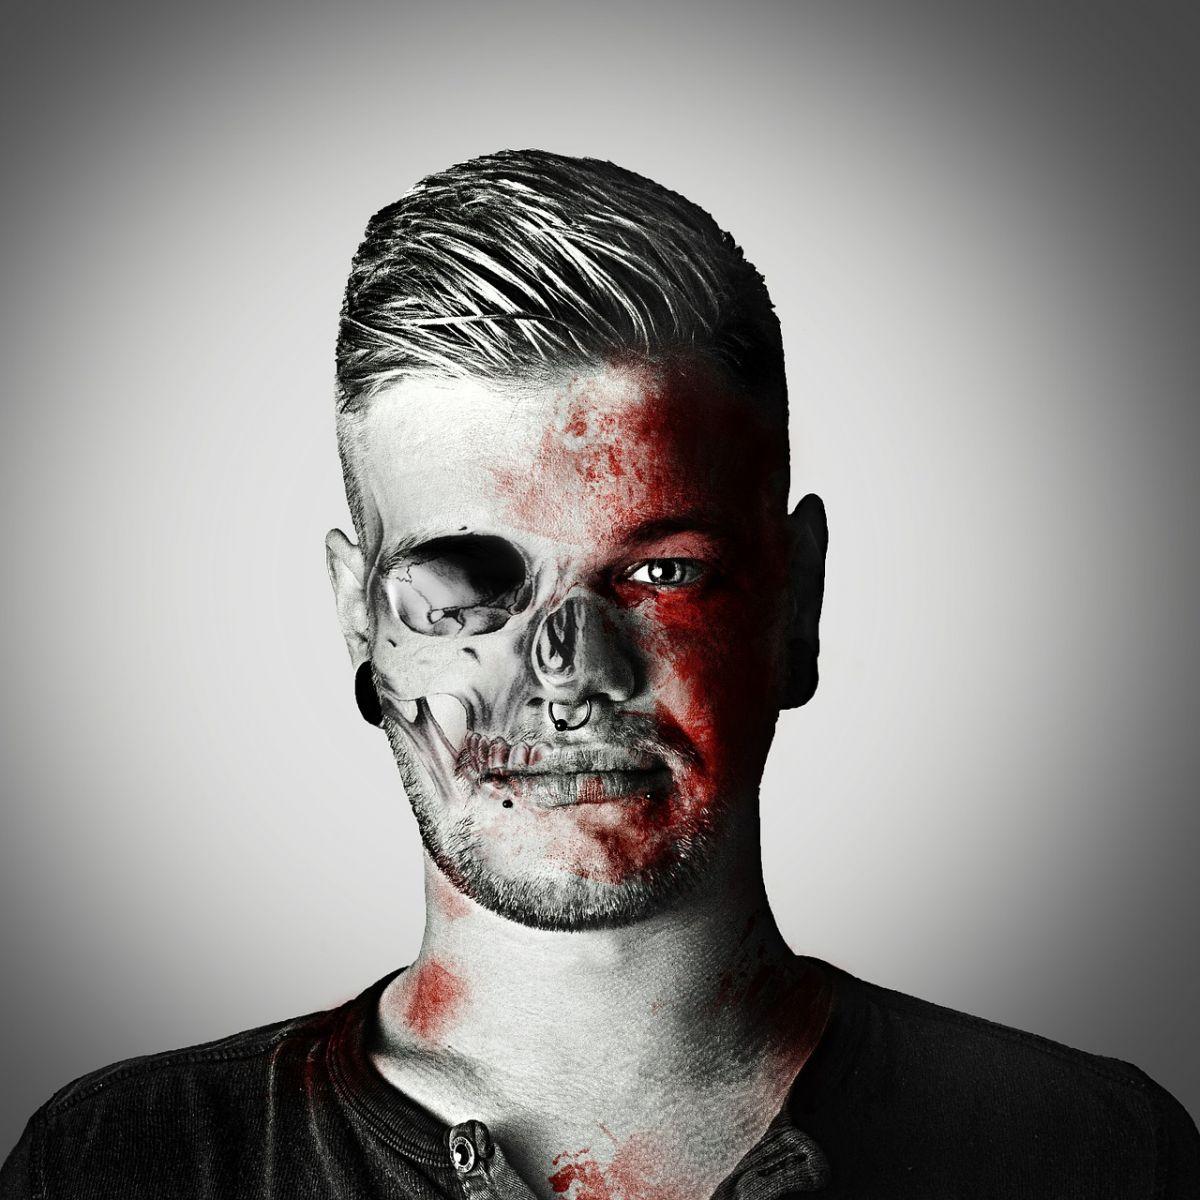 Cara de zombi